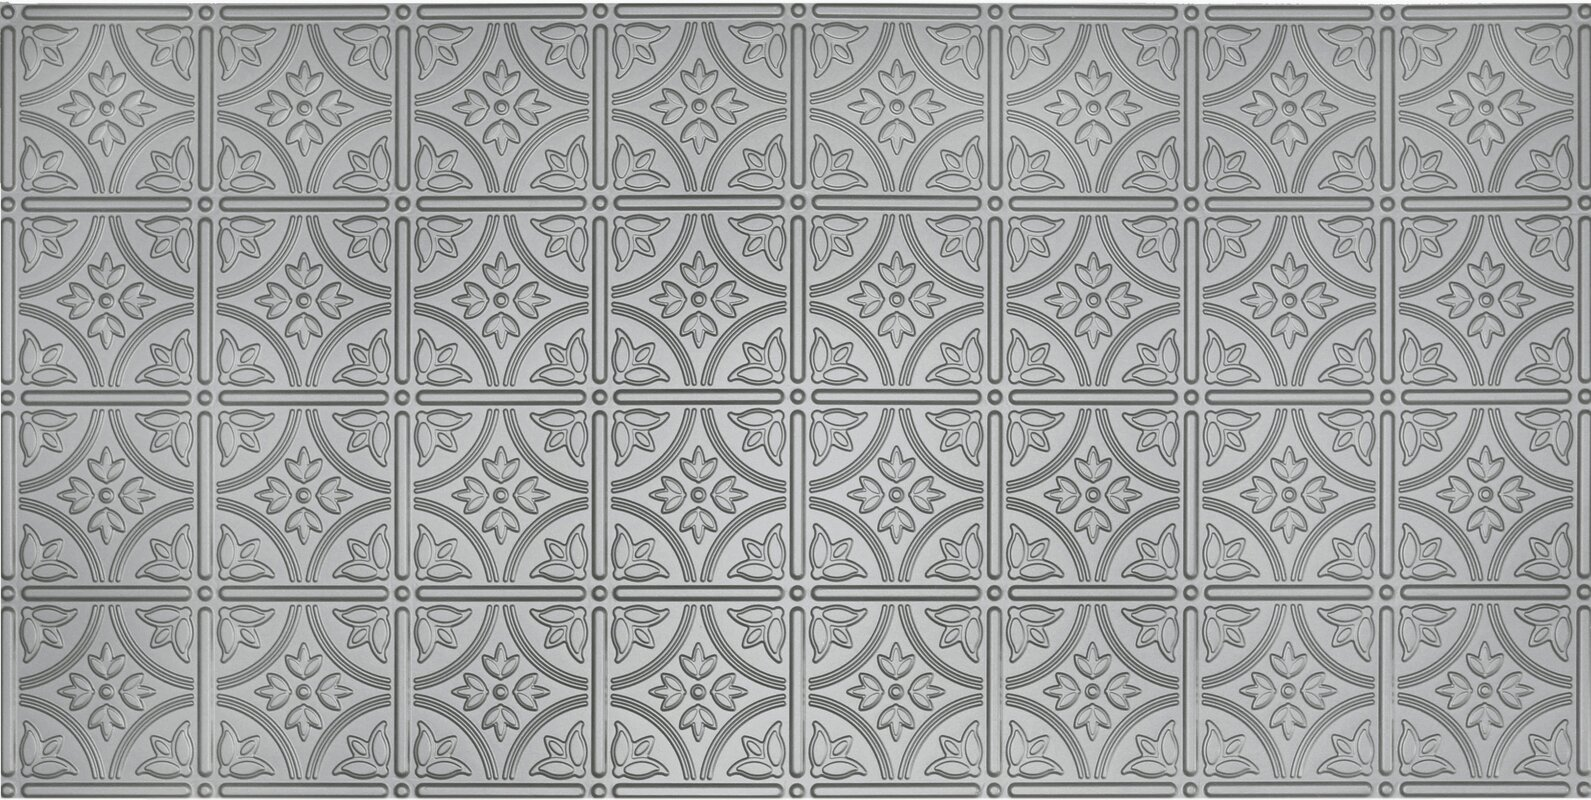 Plastic faux tin ceiling tiles image collections tile flooring decorative d215 antique silver pvc faux tin drop in ceiling tiles foam glue up ceiling tiles doublecrazyfo Choice Image